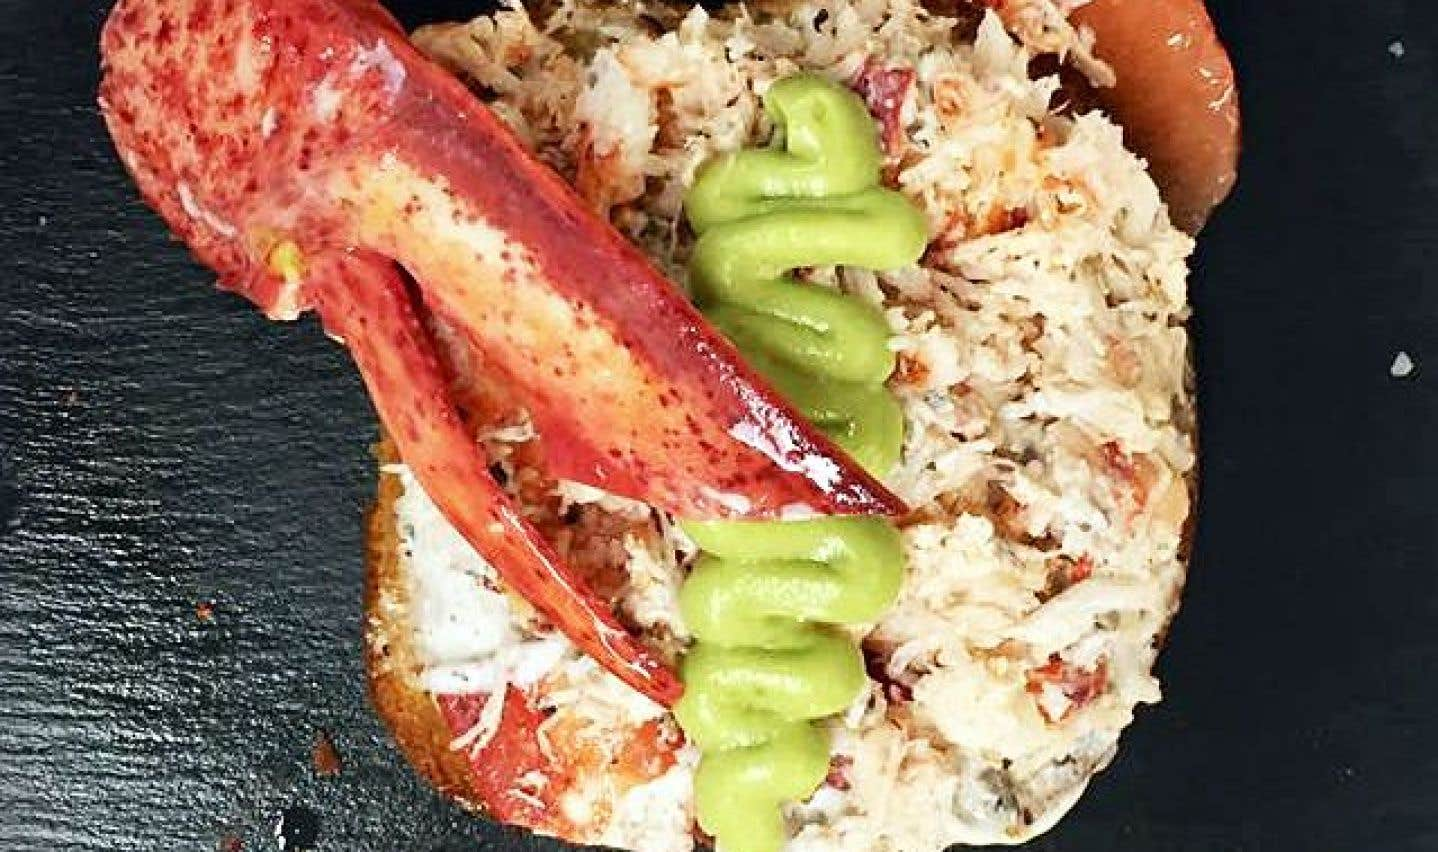 La recette de tartine de homard et mayo truffée sur pain brioché, purée d'avocat